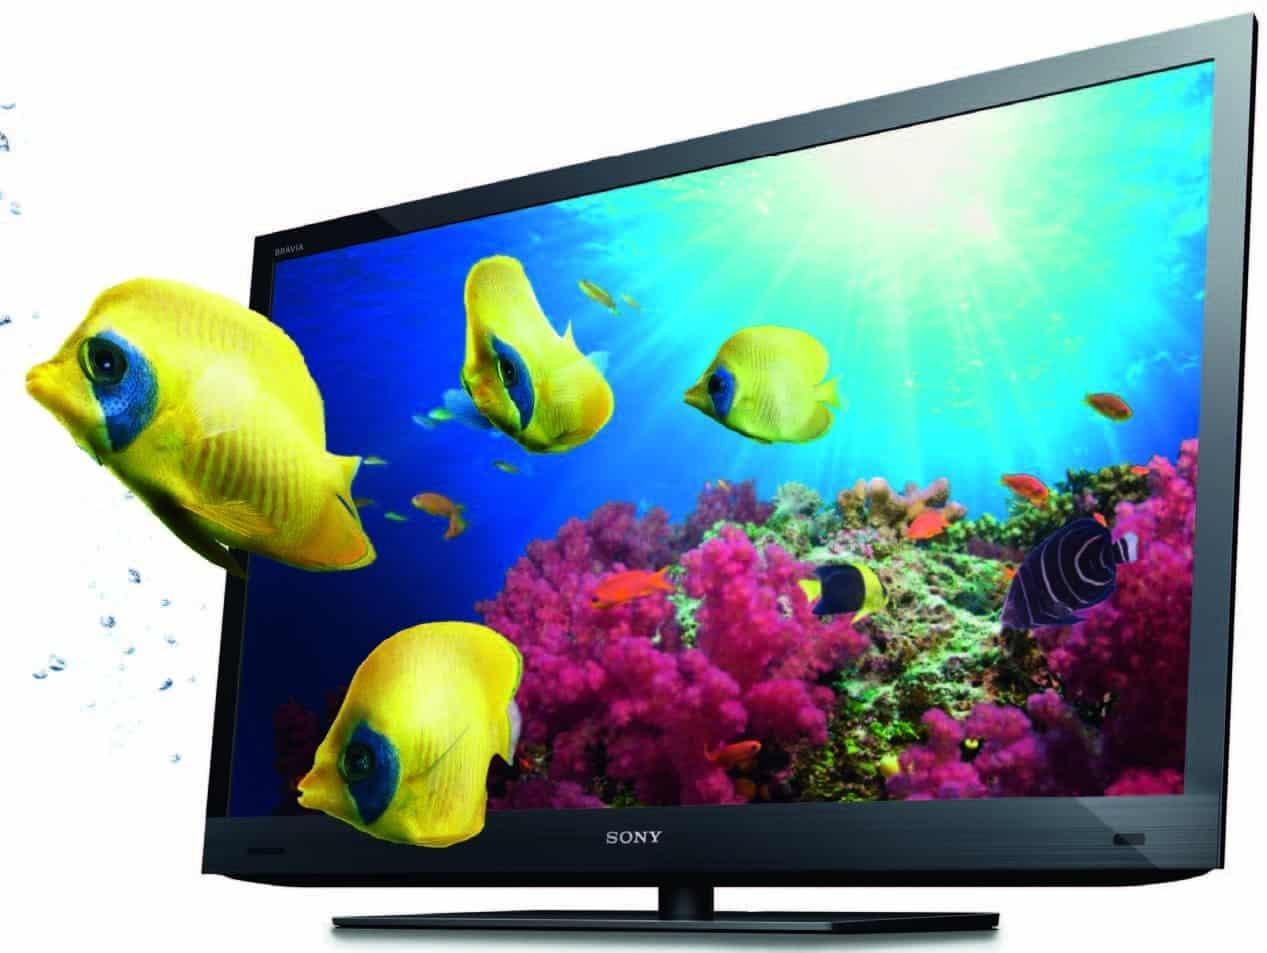 Куда делись телевизоры с функцией 3D: почему перестали выпускать